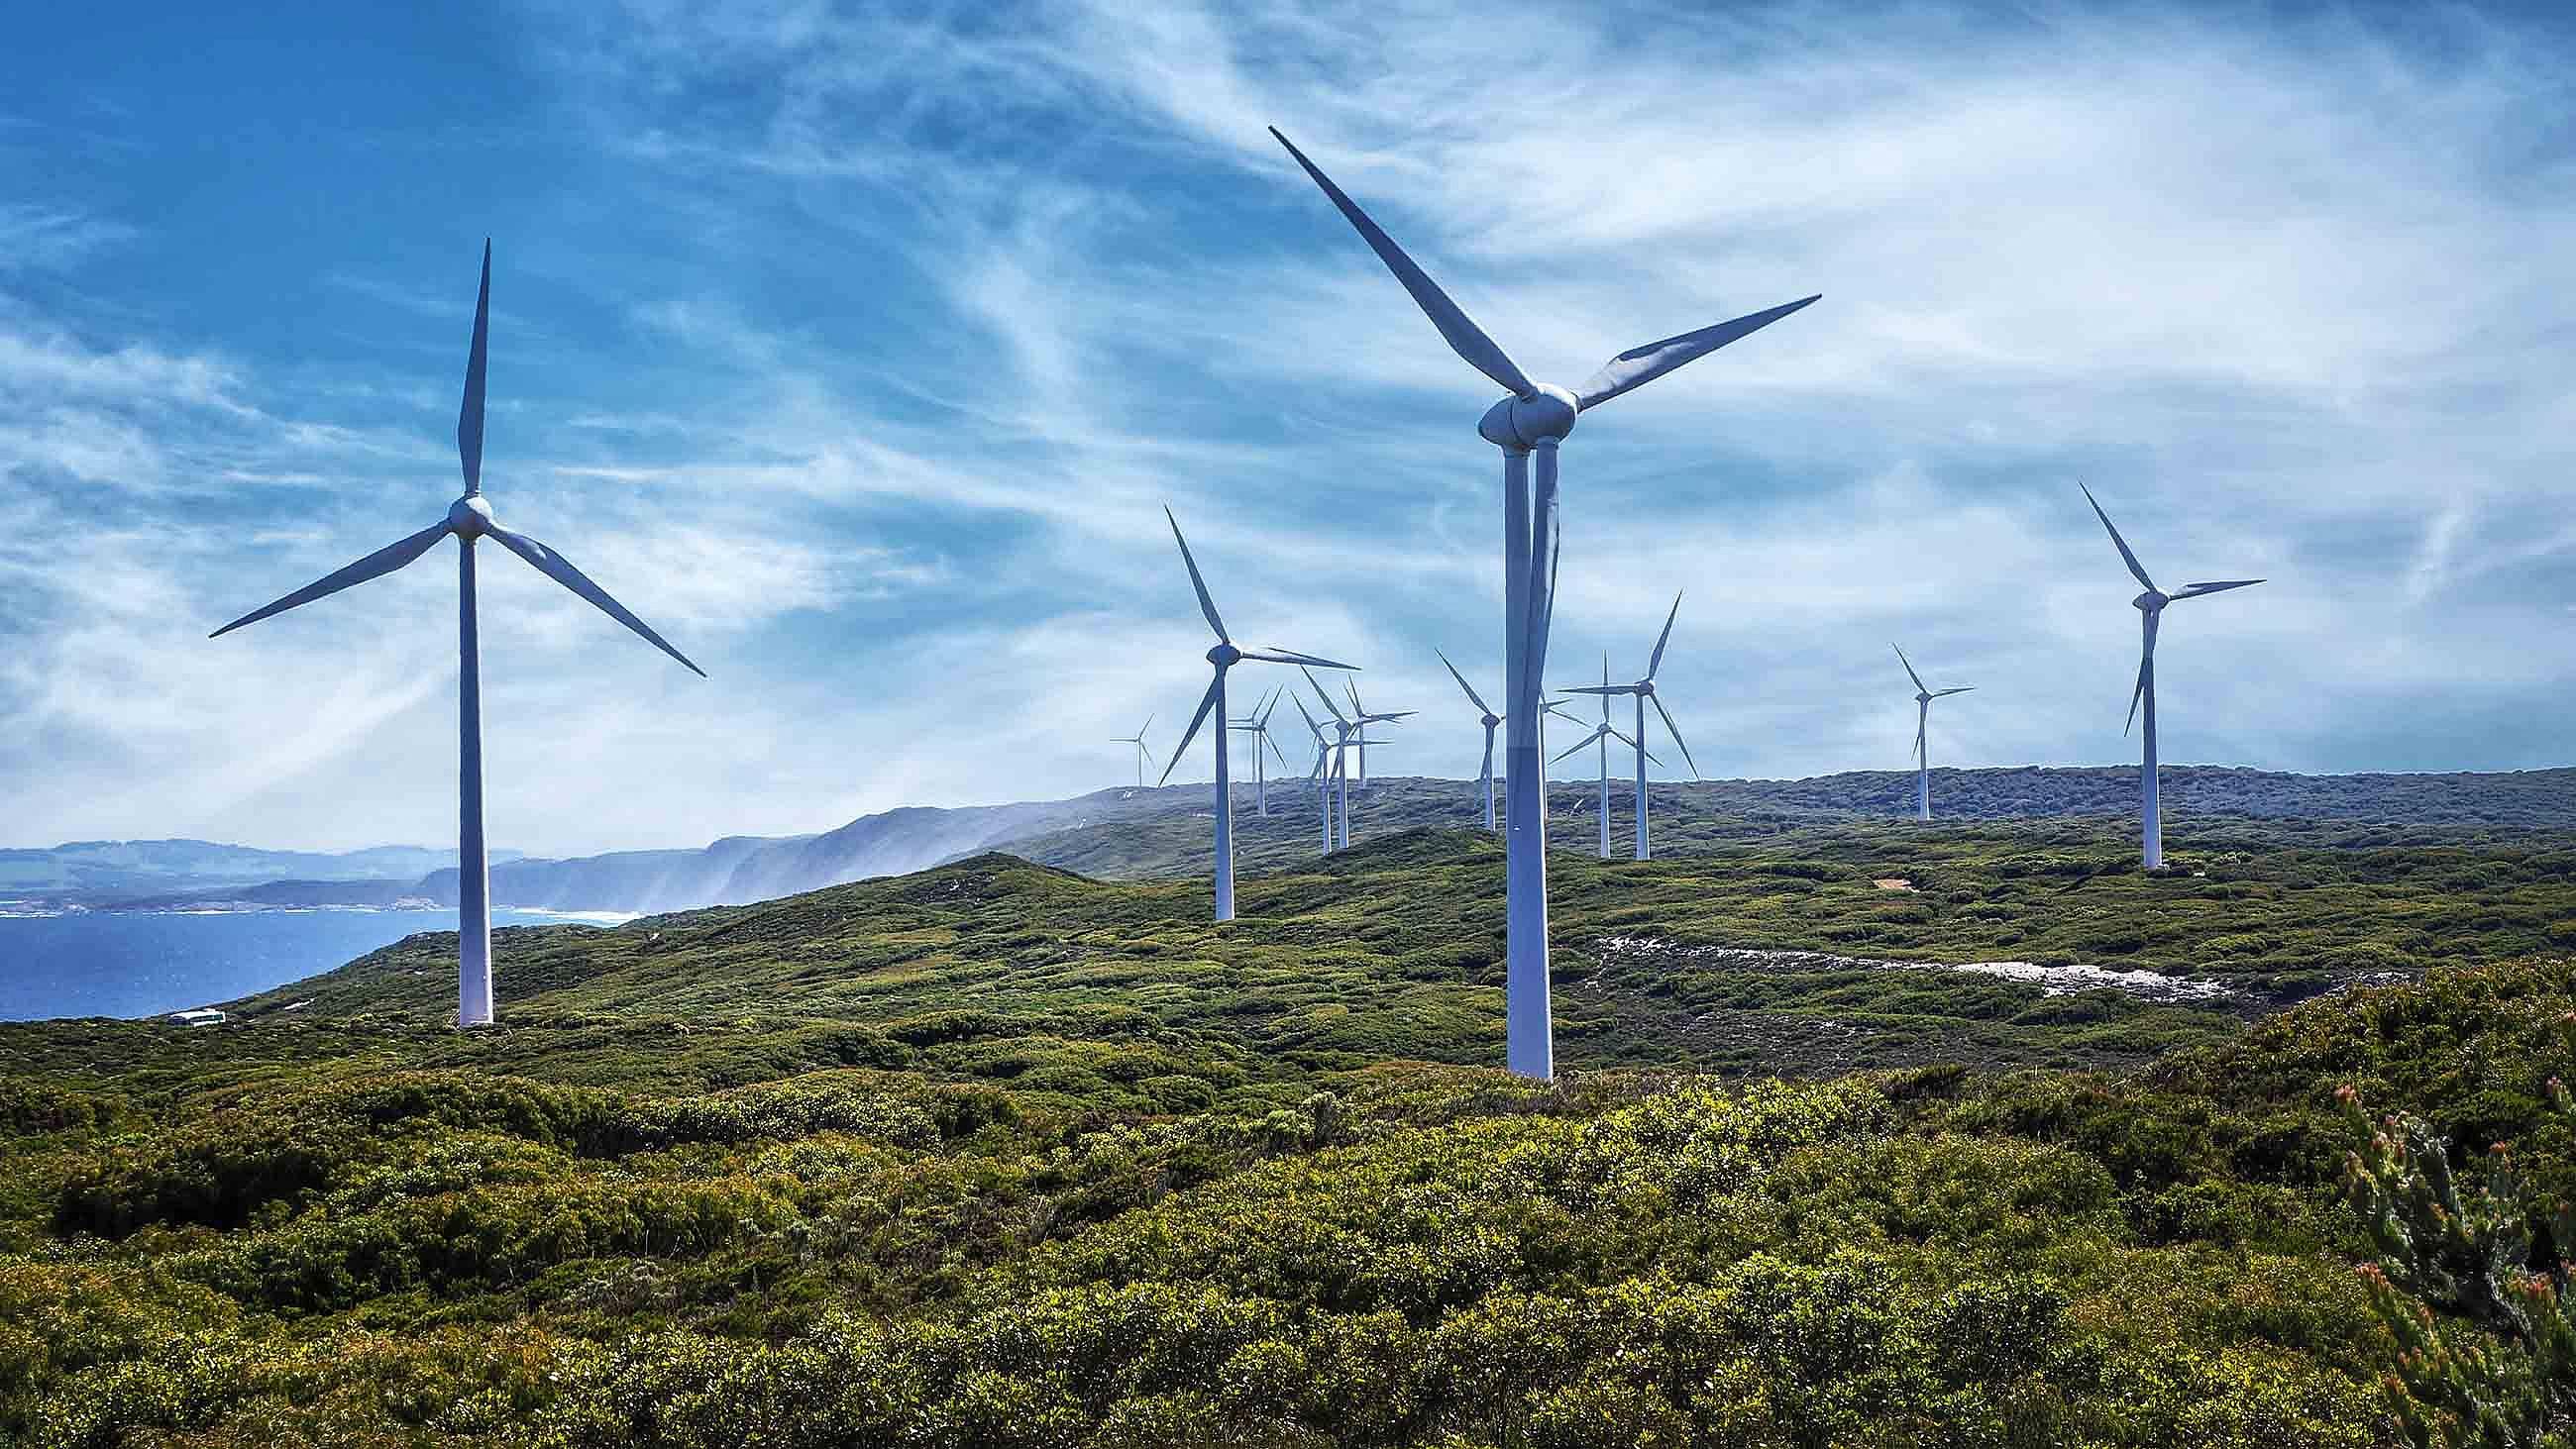 Rüzgar Enerjisinin Gelişimi Ekonomiyi De Etkiliyor